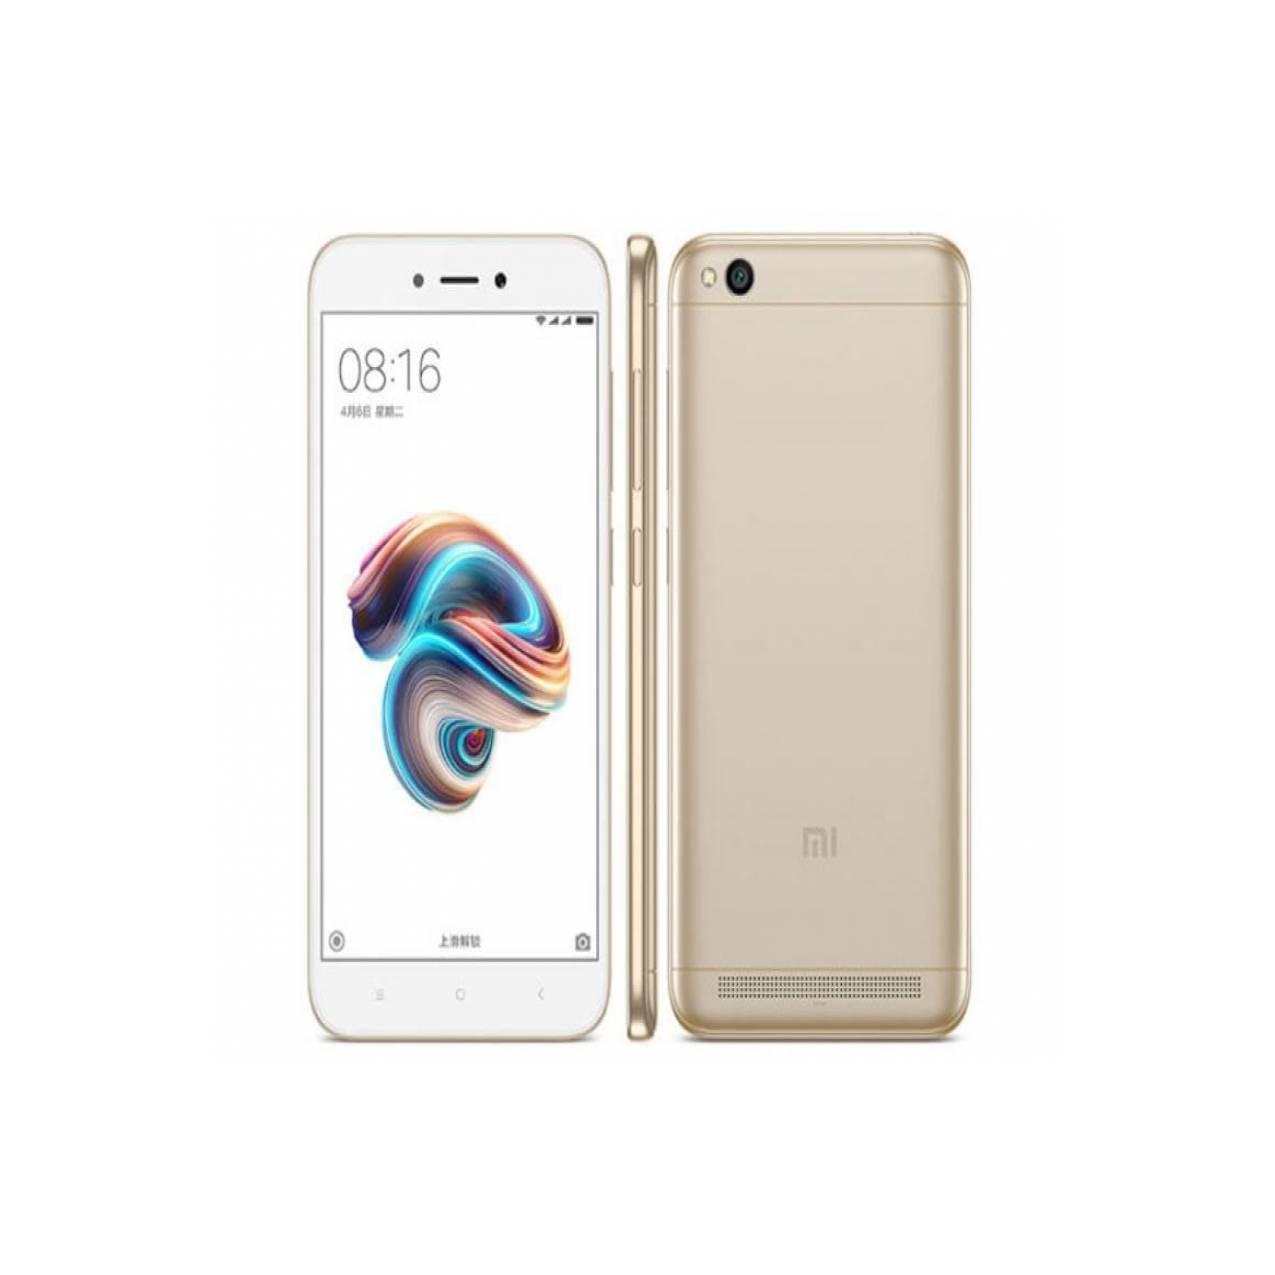 Xiaomi Redmi 5A 2/16GB Warna GOLD Baru NEW Garansi Resmi TAM Murah - Emas  - 90574e65282a44ac17cf2a882cff772d - Update Harga Terbaru Hp Baru Xiaomi Redmi 5 Agustus 2018